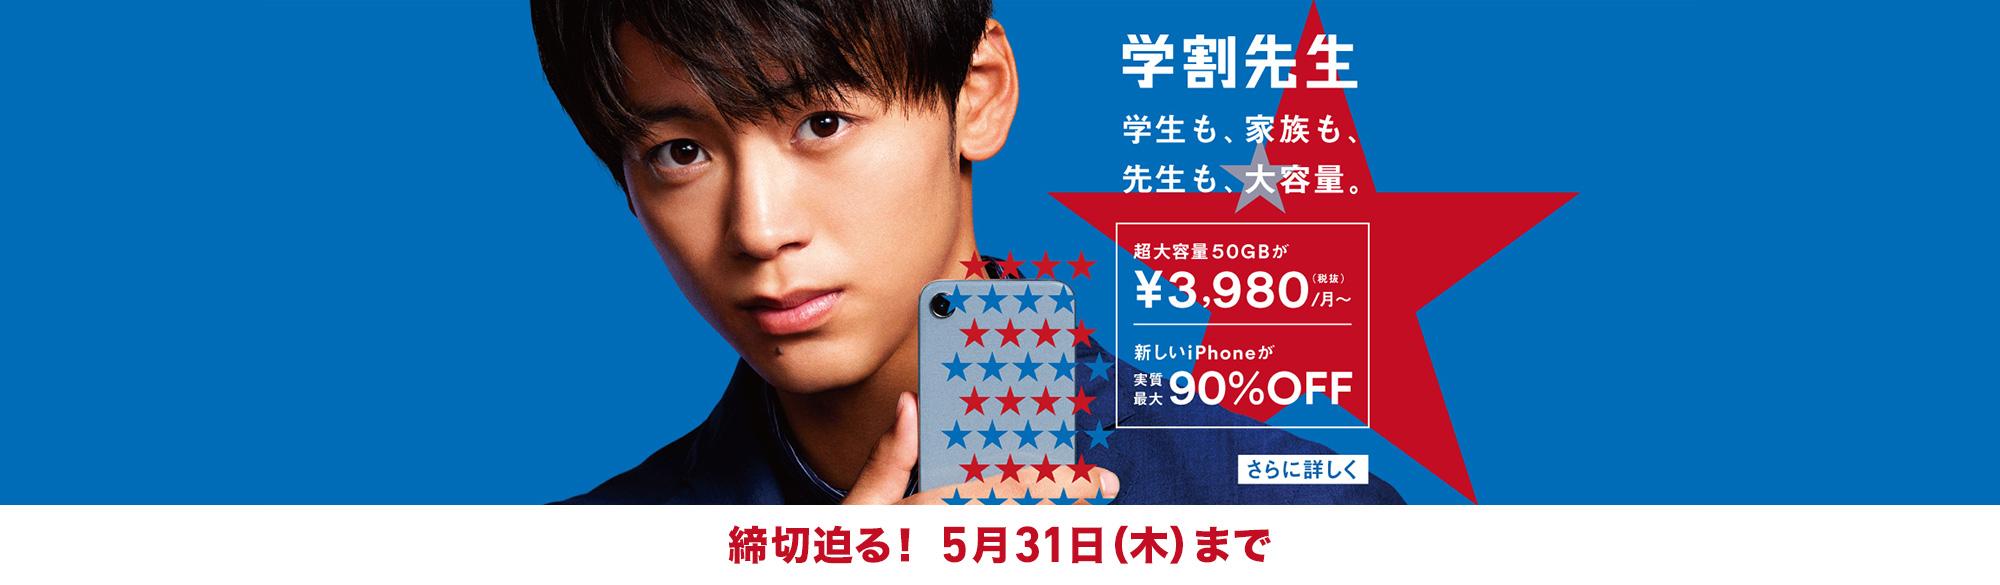 学割先生 学生も、家族も、先生も、大容量。超大容量50GBが¥3,980(税抜)/月~ 新しい iPhone が実質最大90% OFF さらに詳しく